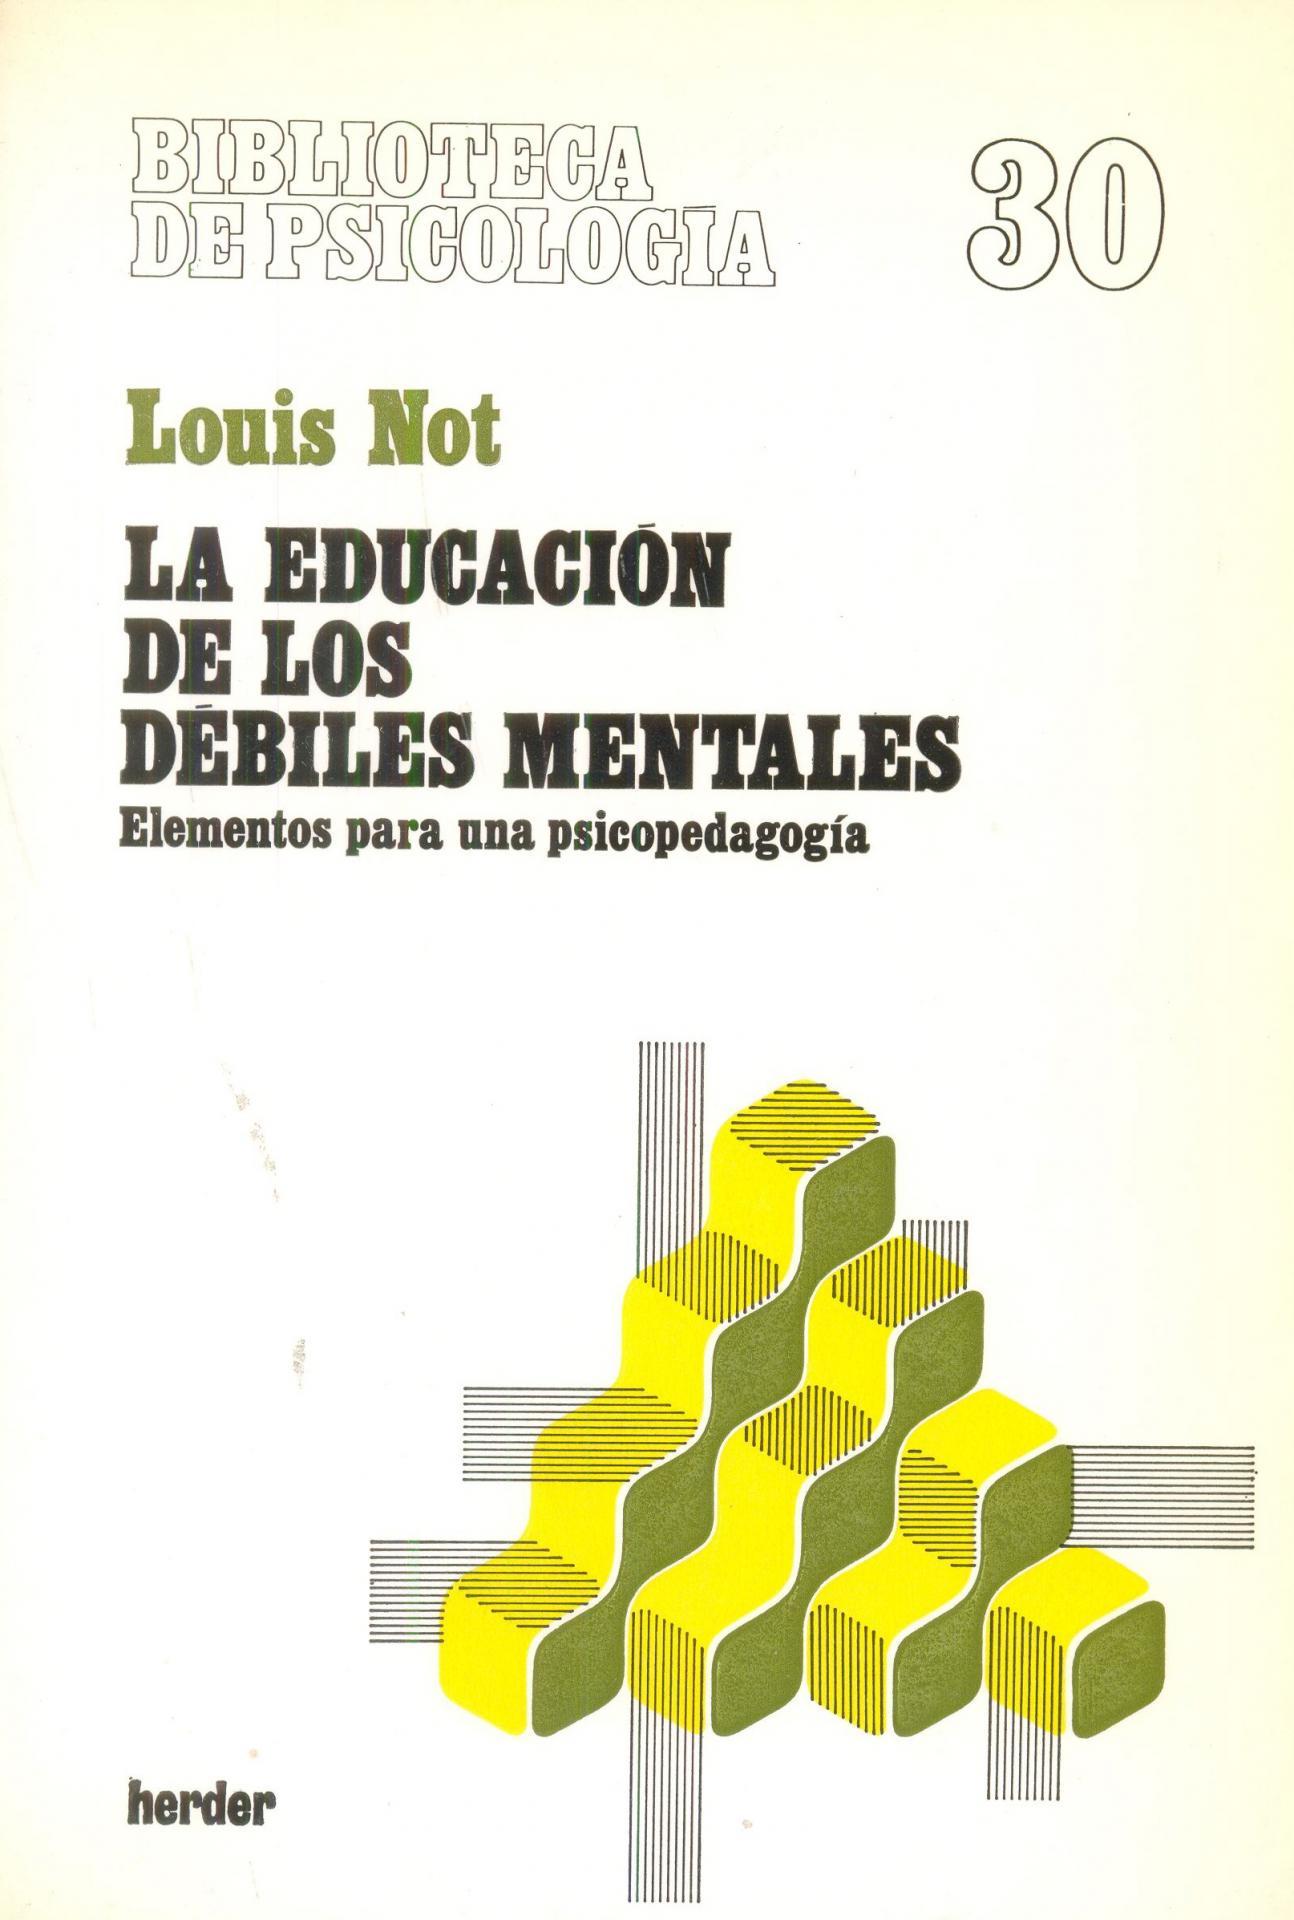 LA EDUCACIÓN DE LOS DÉBILES MENTALES. Not, L.